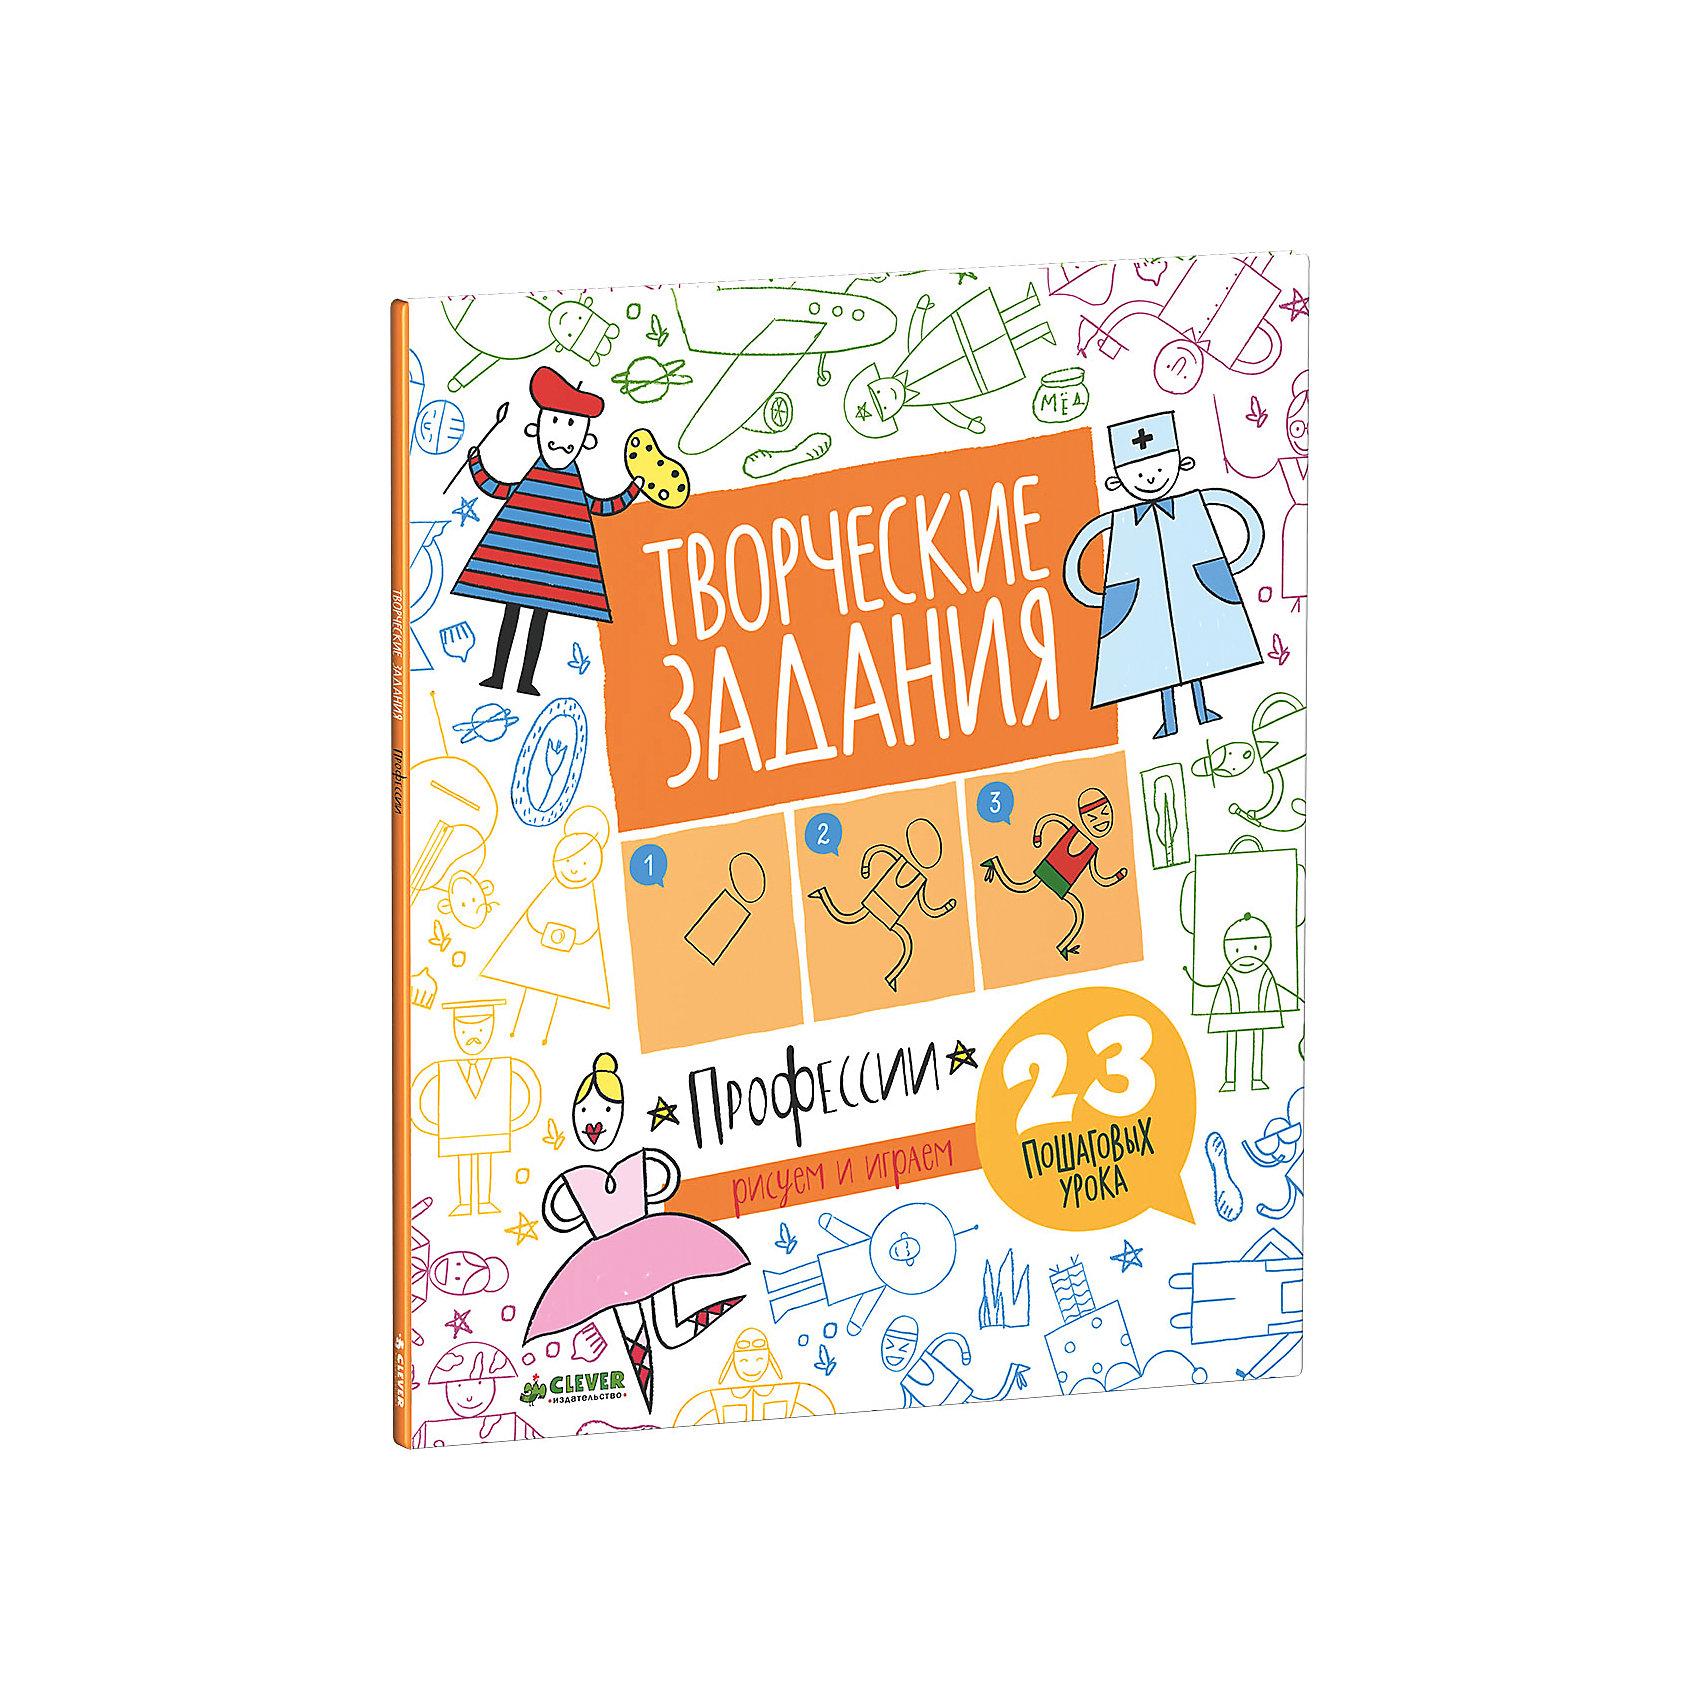 Творческие задания Профессии, 23 пошаговых урокаРаскраски по номерам<br>Творческие задания Профессии, 23 пошаговых урока<br><br>Характеристики:<br><br>• ISBN: 978-5-906824-94-3<br>• Кол-во страниц:48<br>• Возраст: от 5 лет <br>• Формат: а4<br>• Размер книги: 250x216x5 мм<br>• Бумага: офсет<br>• Вес: 210 г<br>• Обложка: мягкая<br><br>Творчество и, в частности, рисование – прекрасный способ снять стресс, напряжение и освободиться от беспокойства. Если вы устали, раздражены или не знаете, чем себя занять – эта книга прекрасно подойдет для того, чтобы развлечься, найти вдохновение, расслабиться и почувствовать радость. <br><br>Эта книга-альбом для творчества и рисования позволяет отвлечься от повседневных забот и побыть наедине с собой. Не важно, умеете ли вы рисовать, важно только выражать себя, пробовать – и все получится. Для использования этой книги не нужна академическая точность – только ваше желание, ведь книга содержит пошаговые уроки, которые помогут вам нарисовать представителей разных профессий.<br><br>Творческие задания Профессии, 23 пошаговых урока можно купить в нашем интернет-магазине.<br><br>Ширина мм: 250<br>Глубина мм: 215<br>Высота мм: 10<br>Вес г: 210<br>Возраст от месяцев: 48<br>Возраст до месяцев: 72<br>Пол: Унисекс<br>Возраст: Детский<br>SKU: 5377837